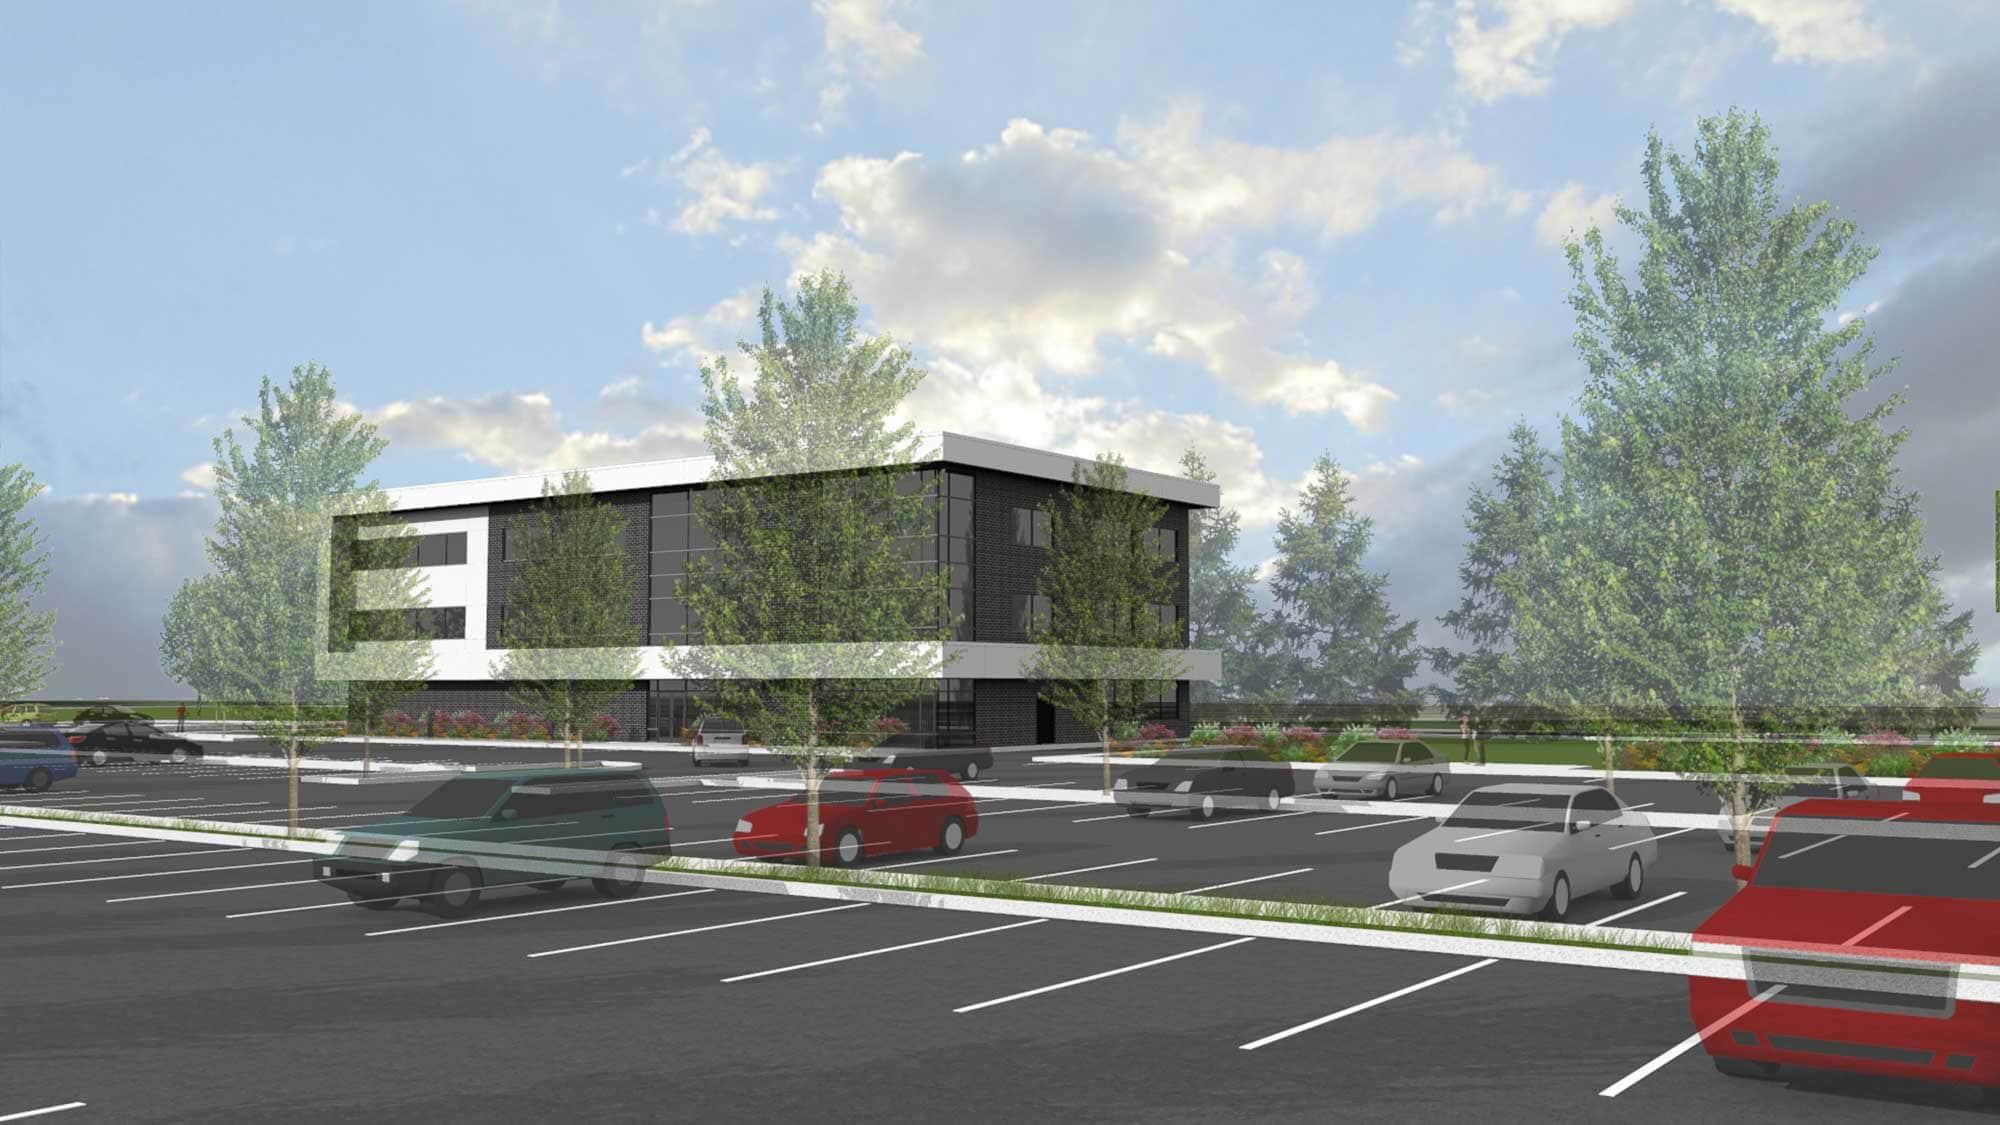 La clinique que le promoteur Médifice se dit prêt à construire dès l'octroi d'un permis d'imagerie médicale. Dans une seconde phase, un autre bâtiment semblable s'ajouterait à côté.